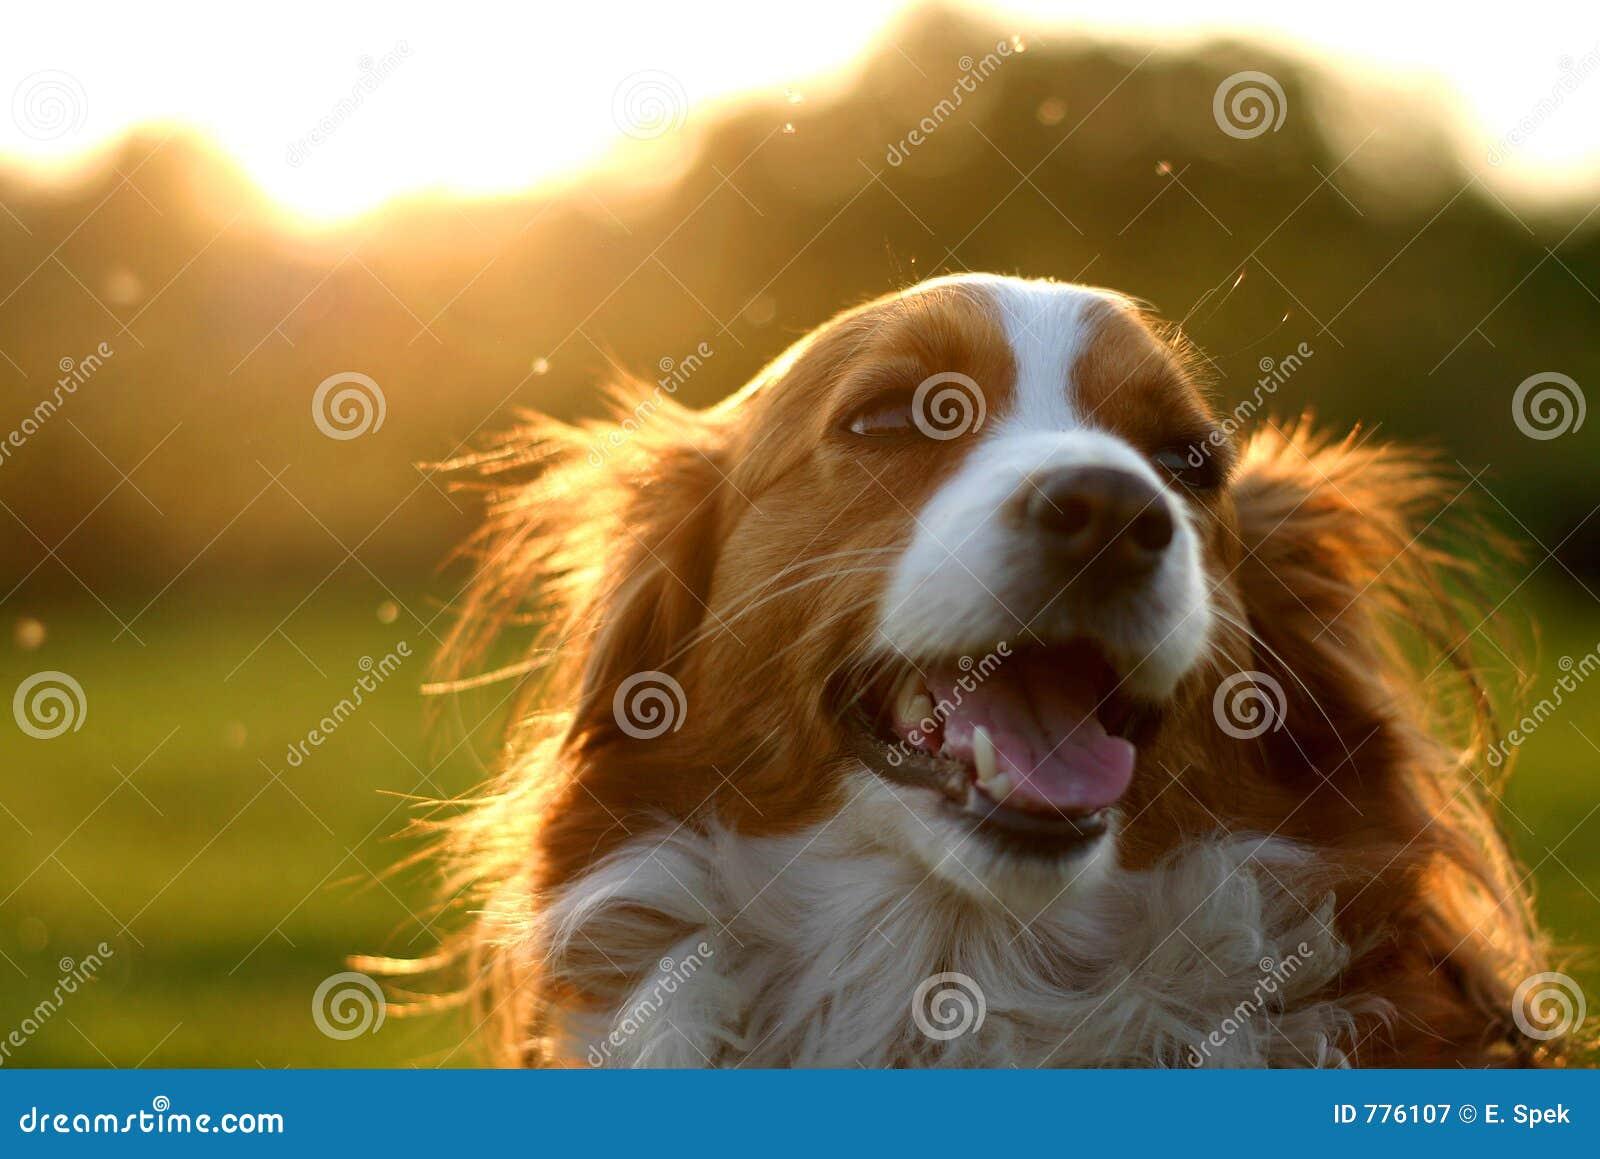 Pies kooijker słońca